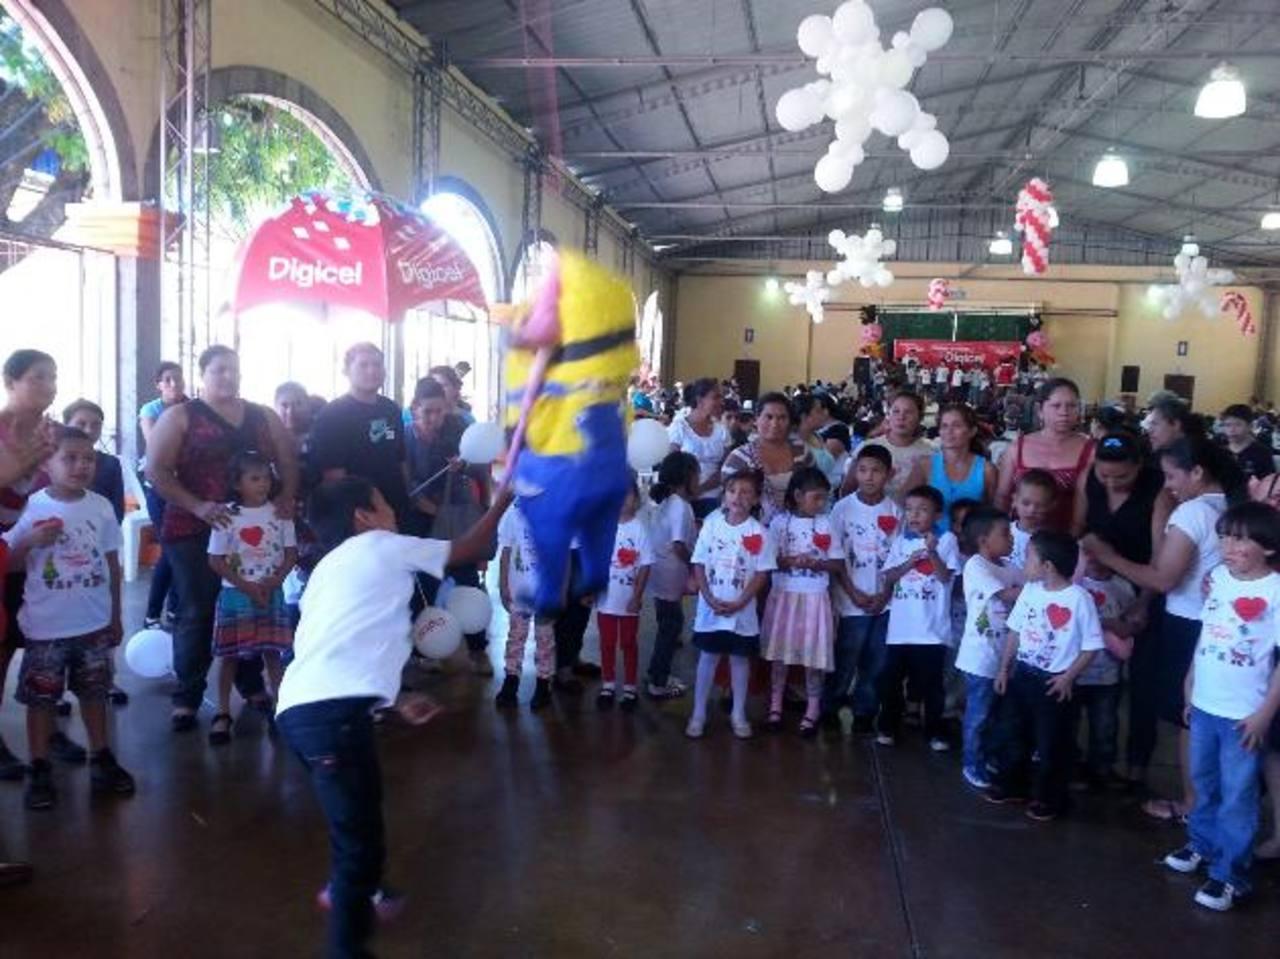 La mañana fue corta para el derroche de energía de los 250 niños y niñas que participaron en la fiesta navideña del programa. Fotos edh / cortesía.